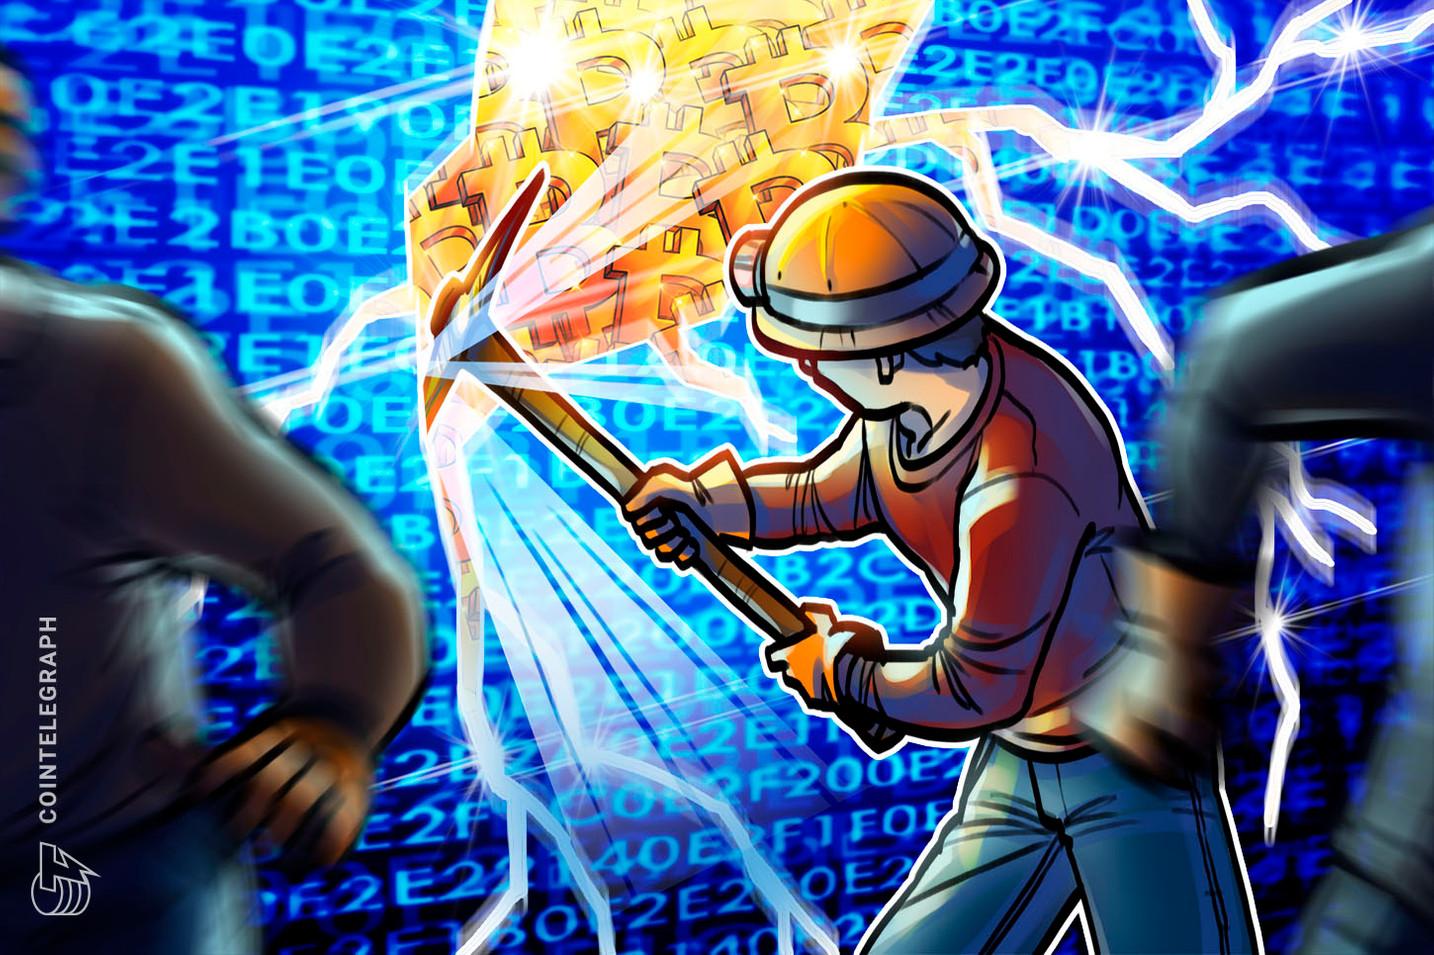 Satoshi não assinou mensagem para Craig Wright, diz pesquisador de criptomoedas